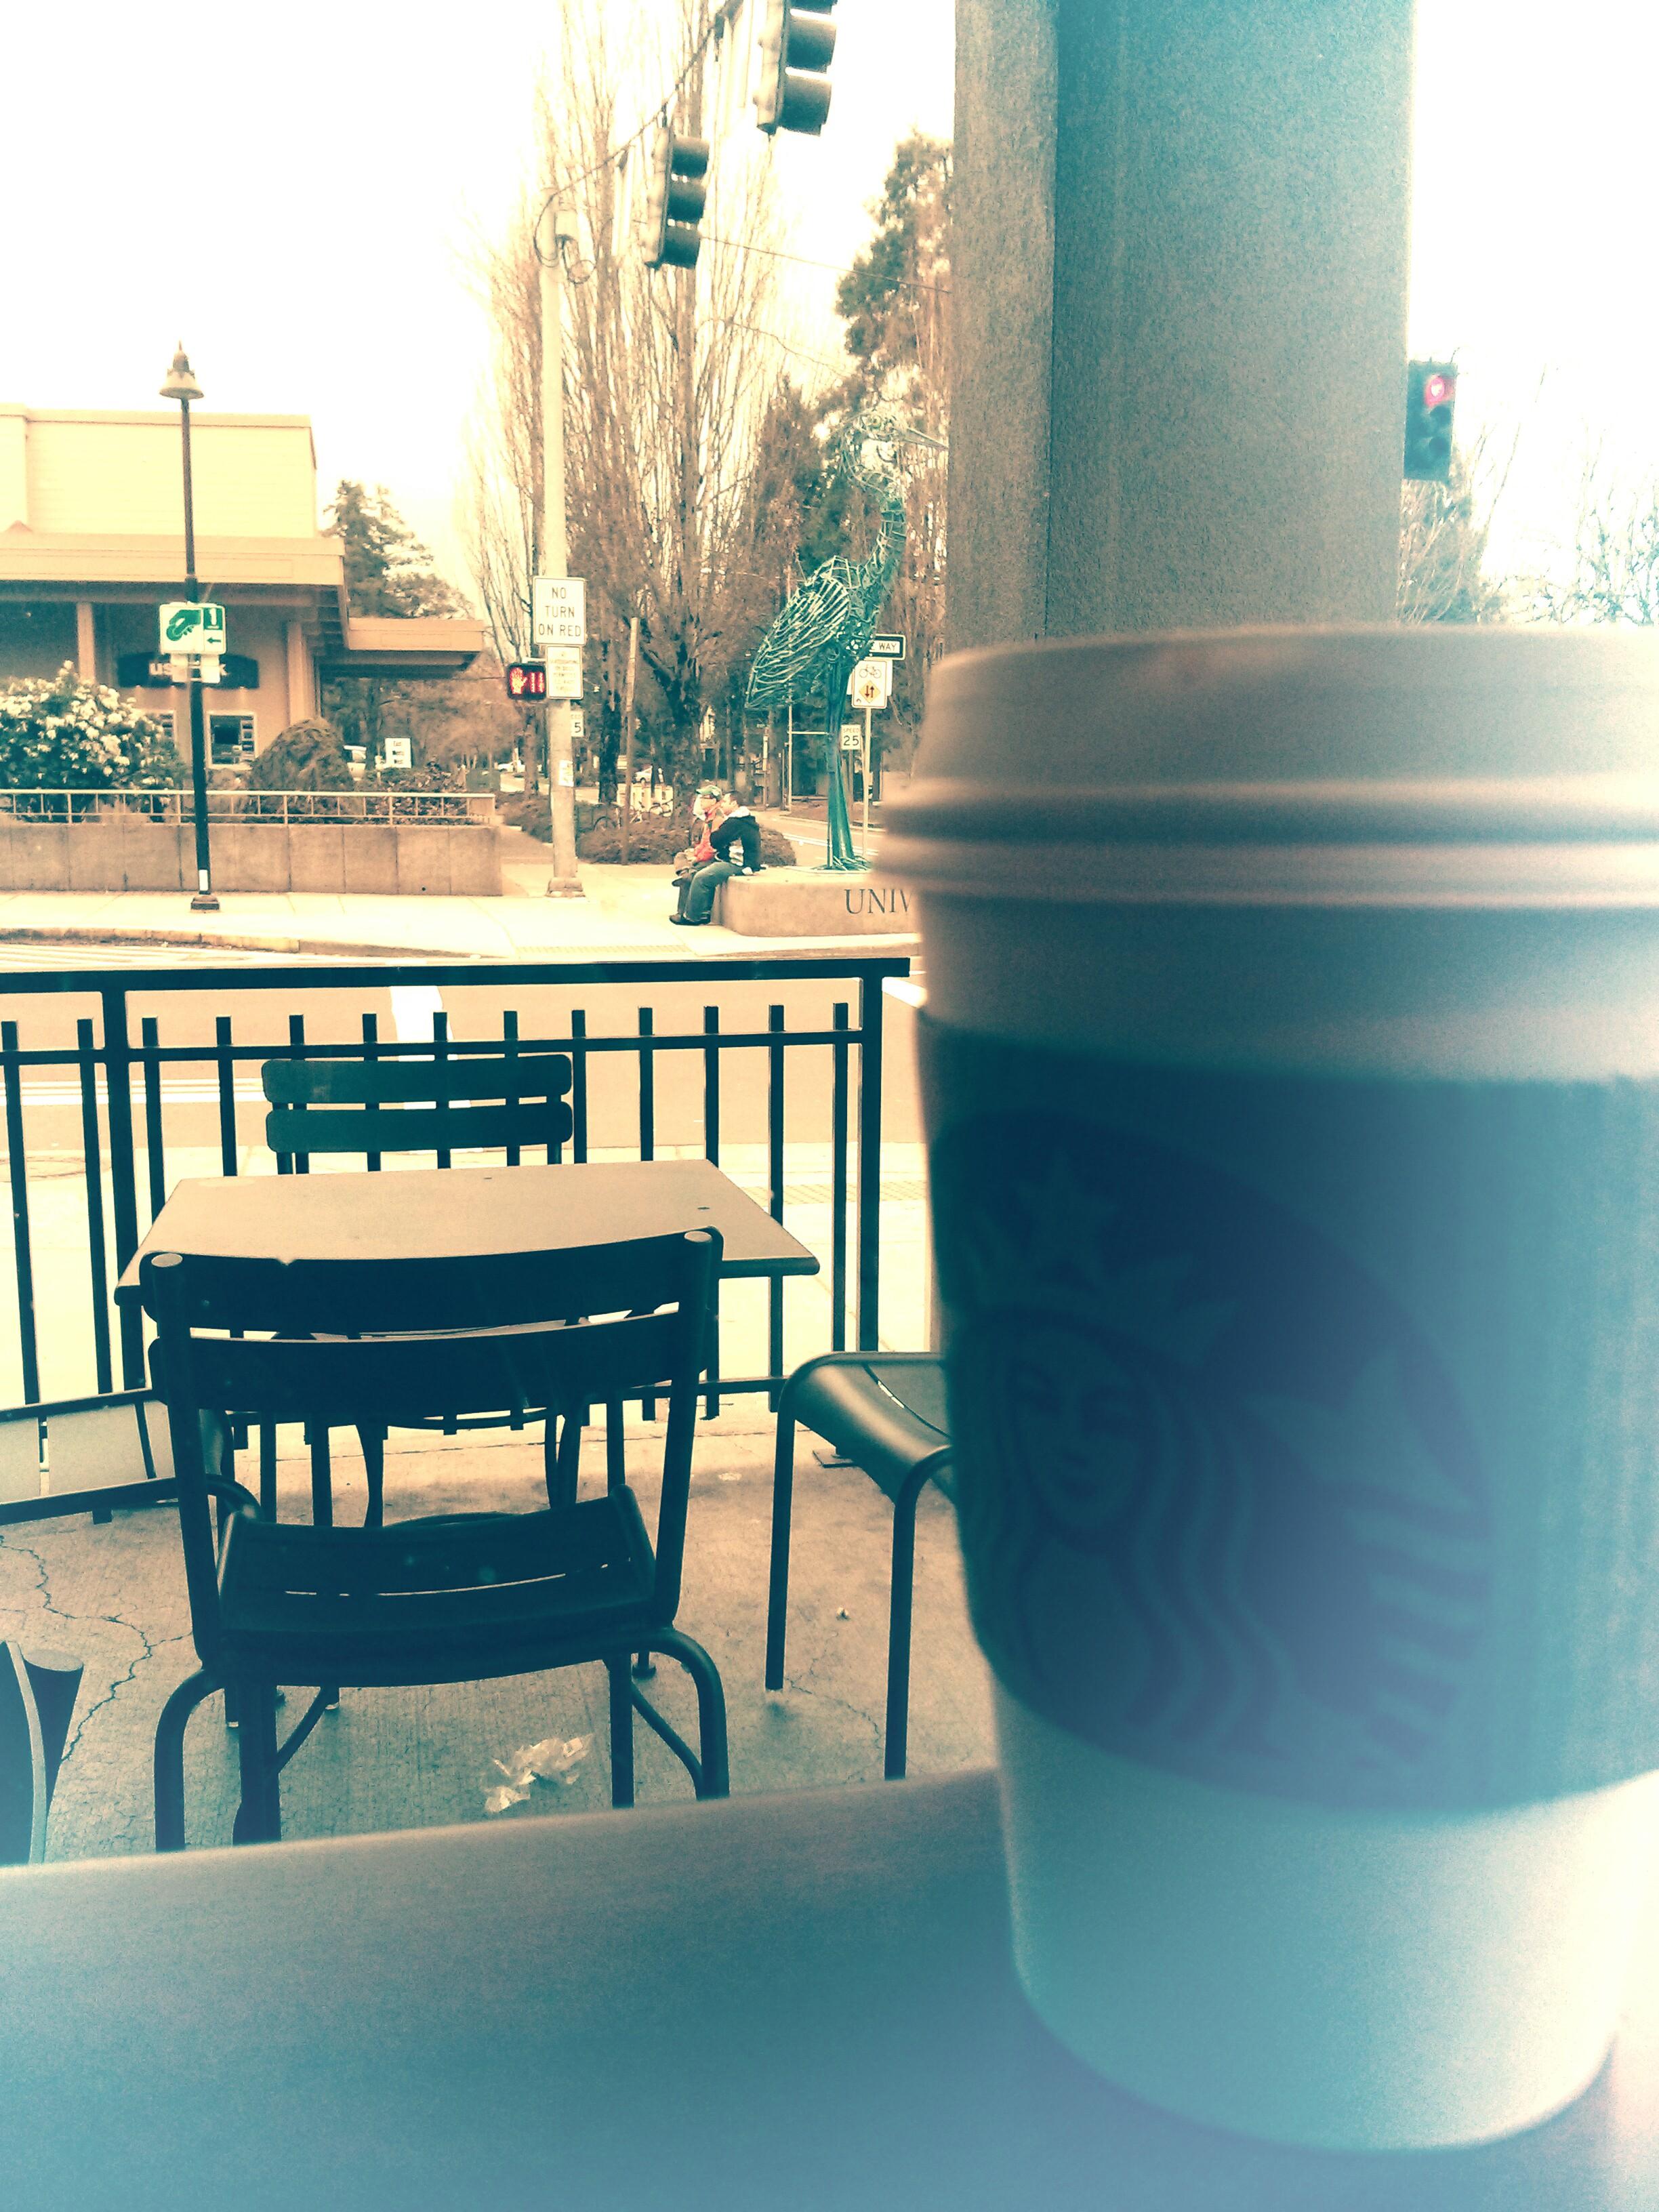 Vị trí tôi hay ngồi thưởng thức cafe và nhìn ra ngã tư có cột đèn giao thông ... đặt biệt